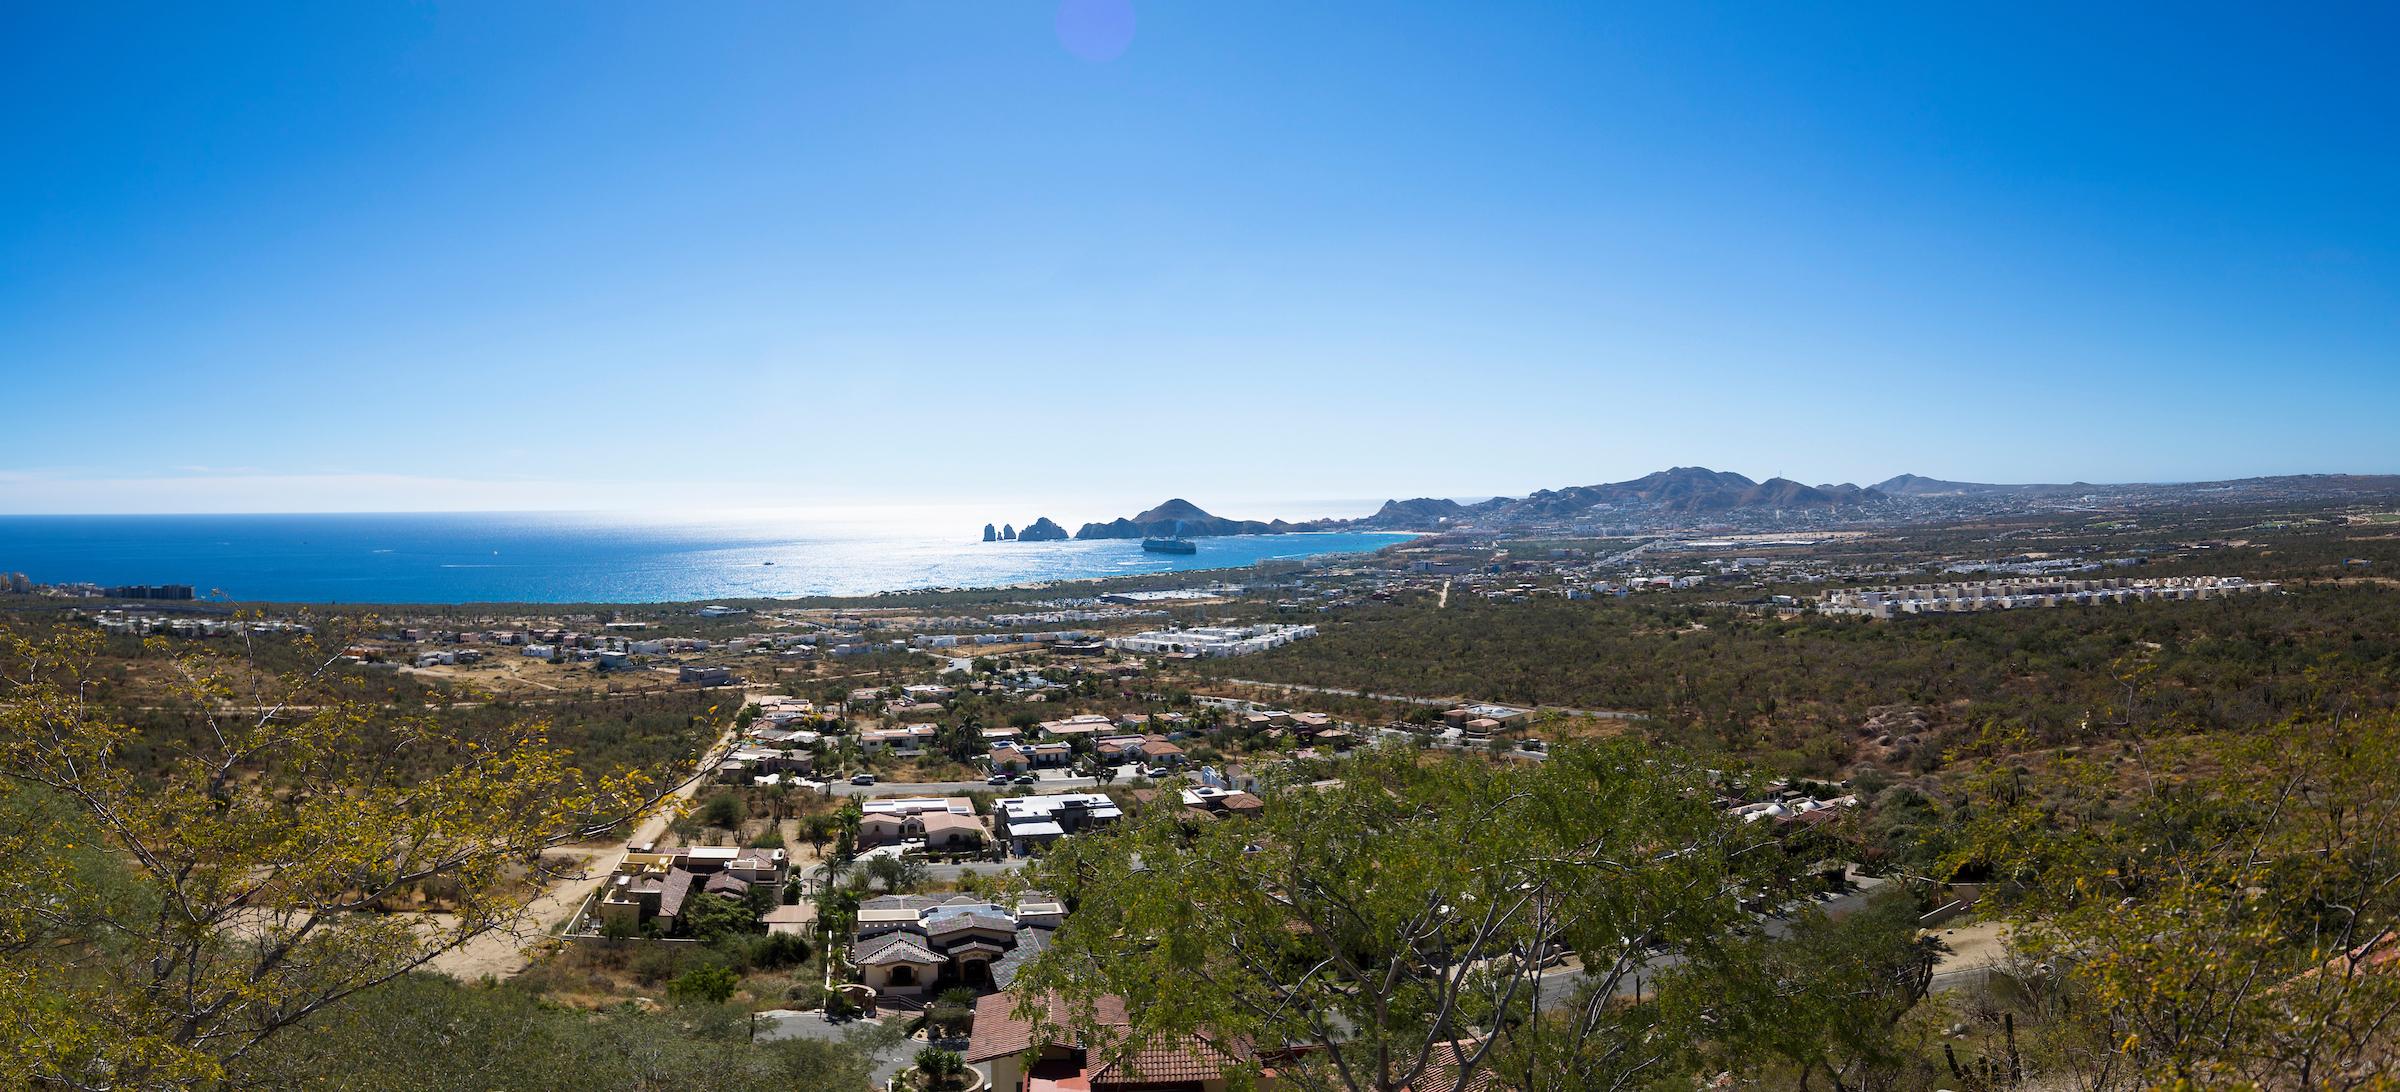 Land for Sale at Rancho Paraíso Heights E-11 Cabo San Lucas, Baja California Sur Mexico